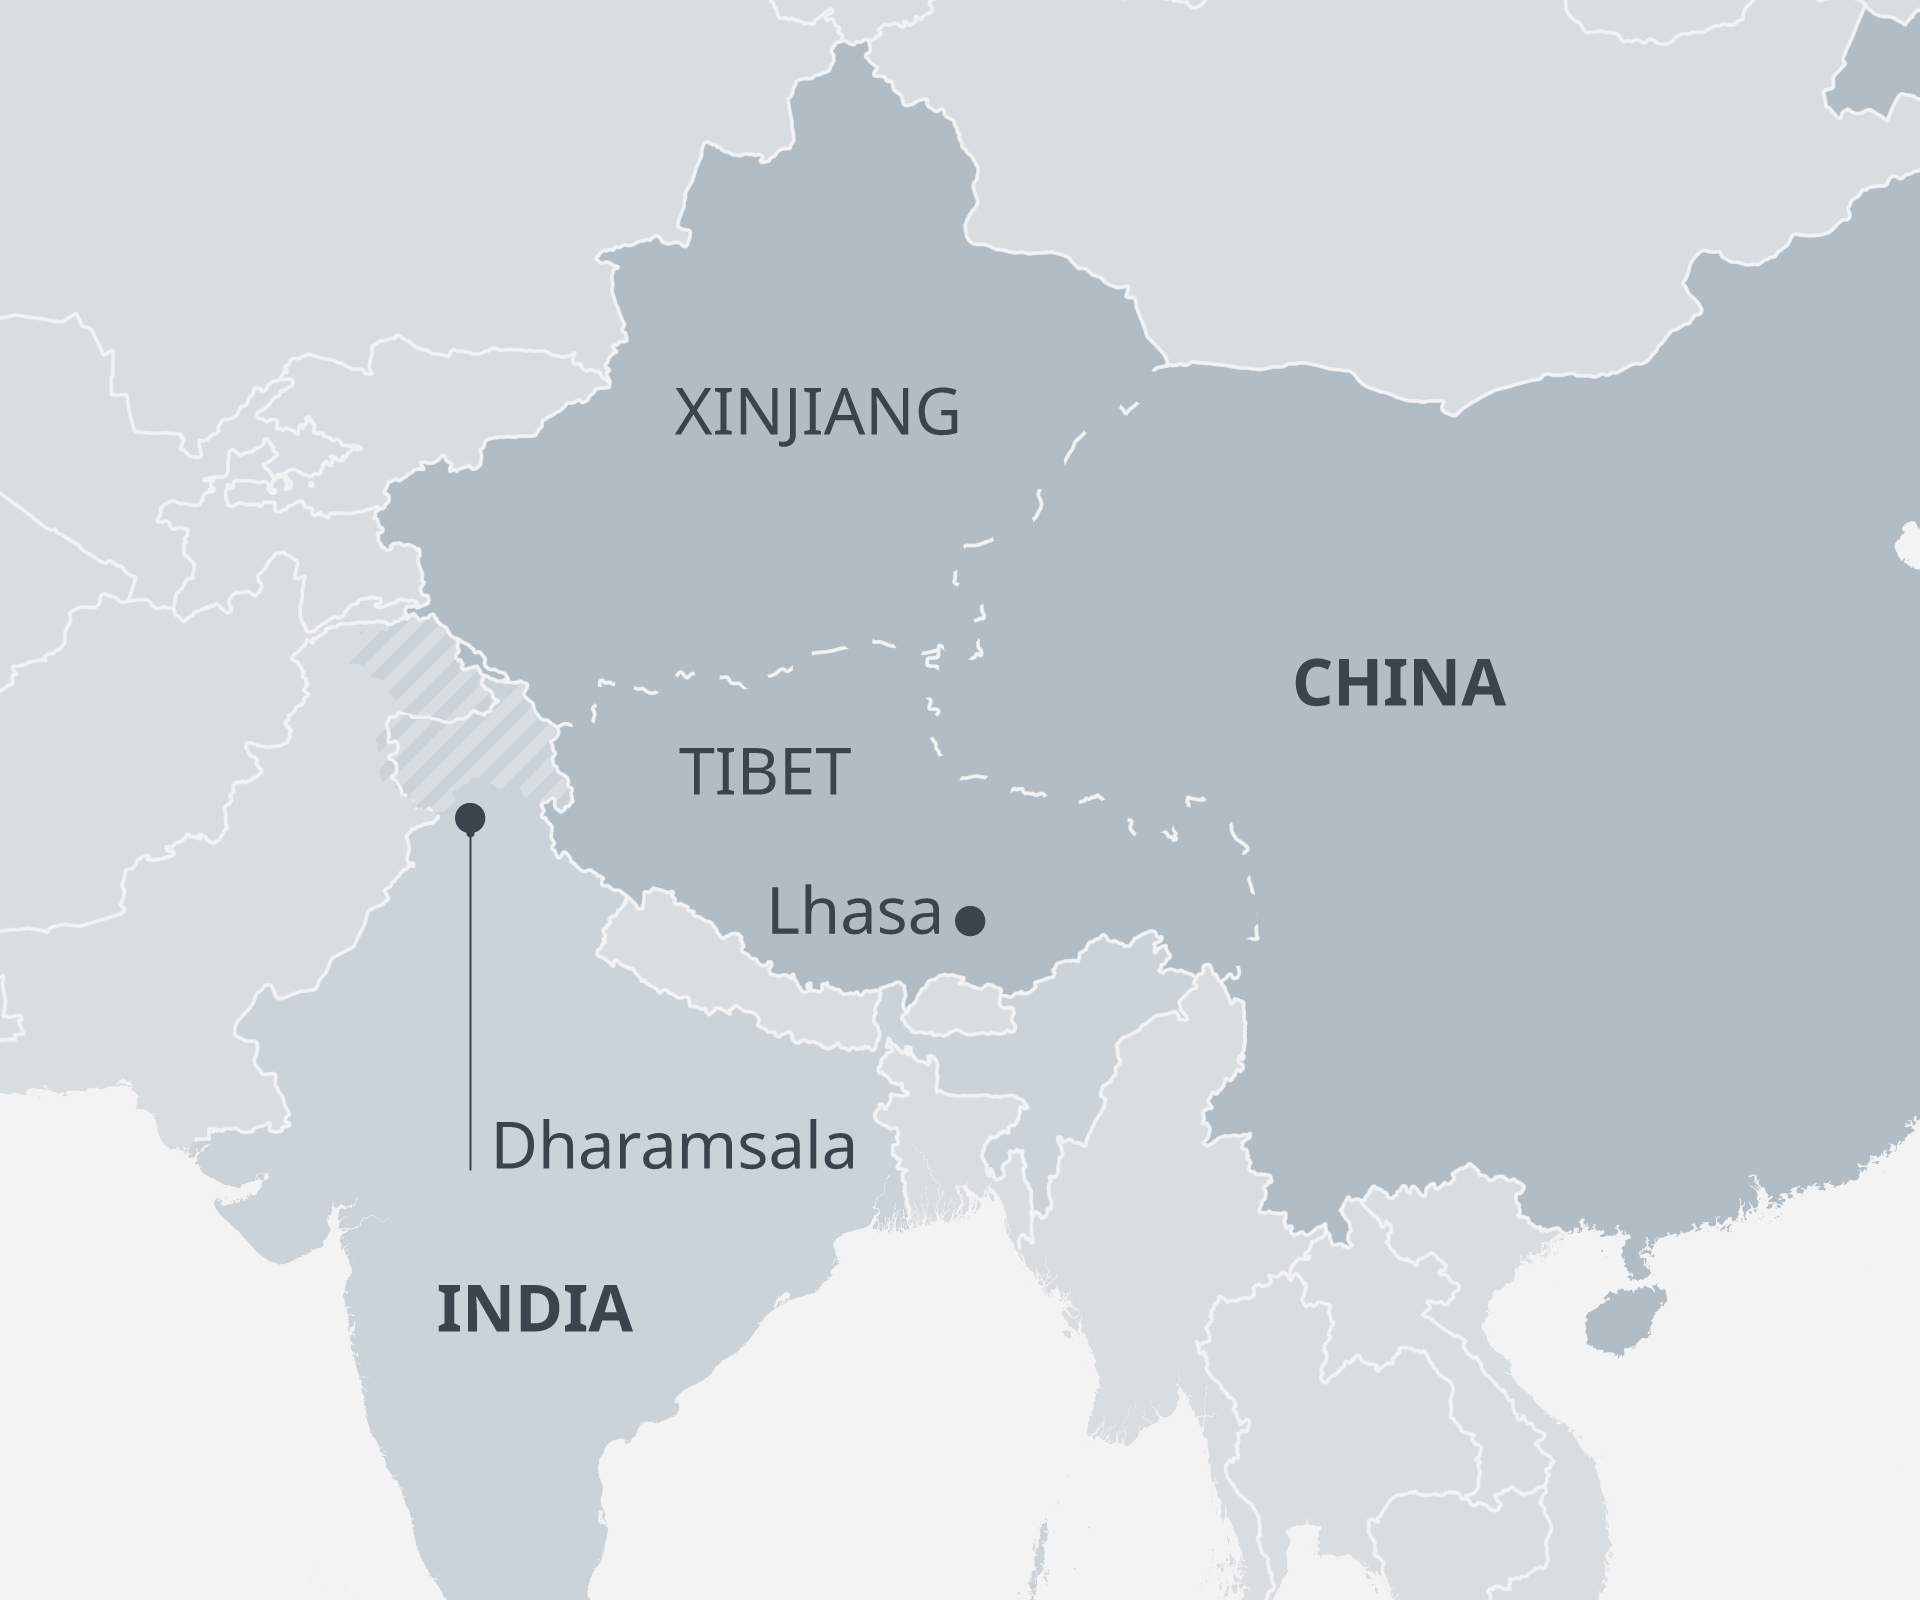 Map of India, China, Tibet